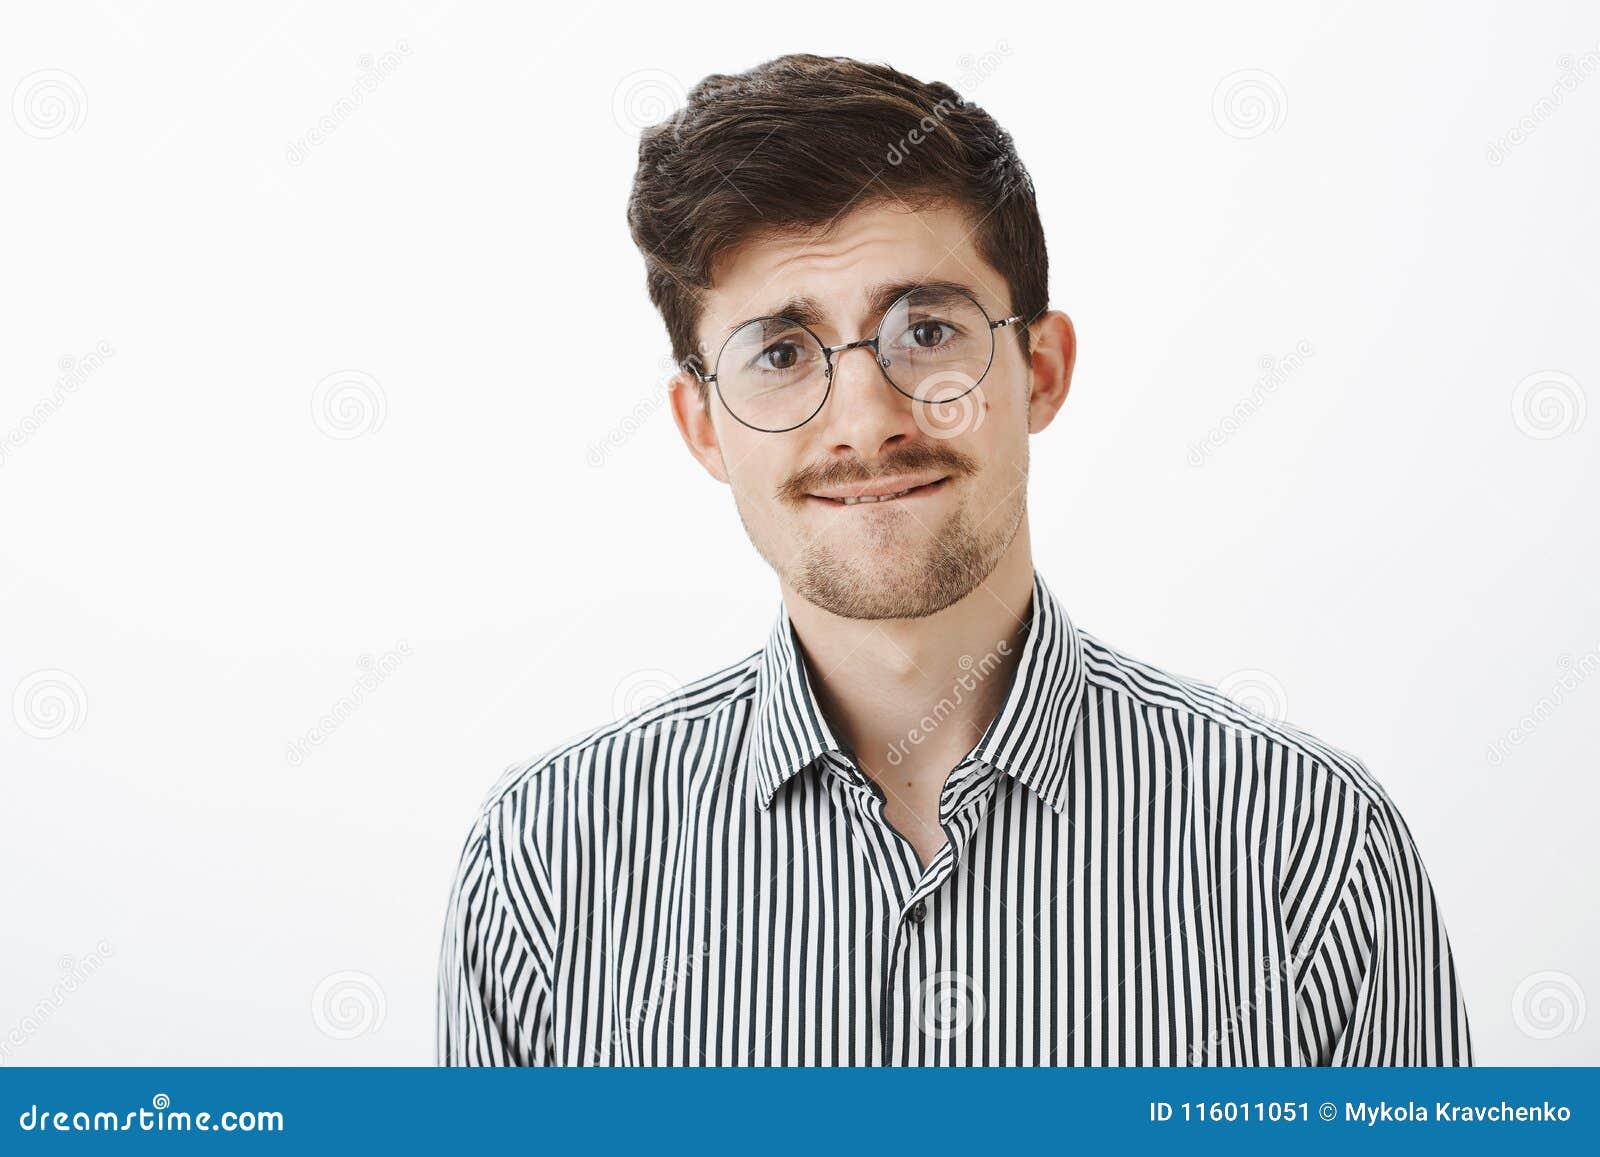 Atelieraufnahme des nervösen ungewissen lustigen bärtigen Kerls, in den runden Gläsern, in beißender Lippe und etwas in die Stirn